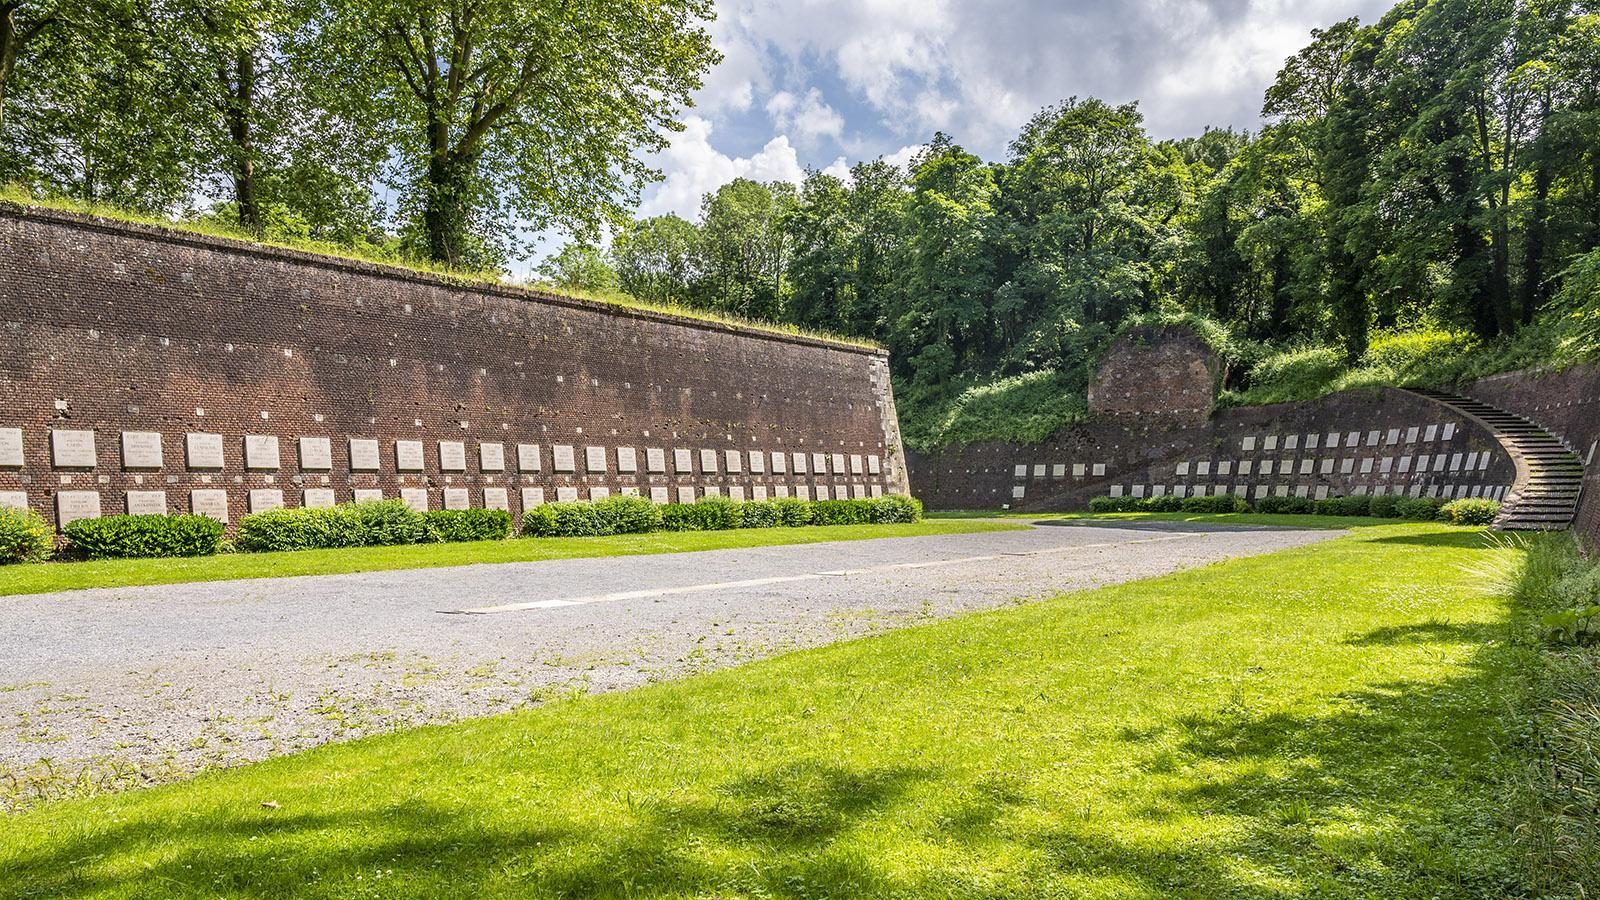 Le Mur des Fusillés: Die Mauer der Erschossenen erinnert an 218 junge Männer, die die Wehrmacht von 1941 - 1944 im Graben der Zitadelle erschoss.. Foto: Hilke Maunder